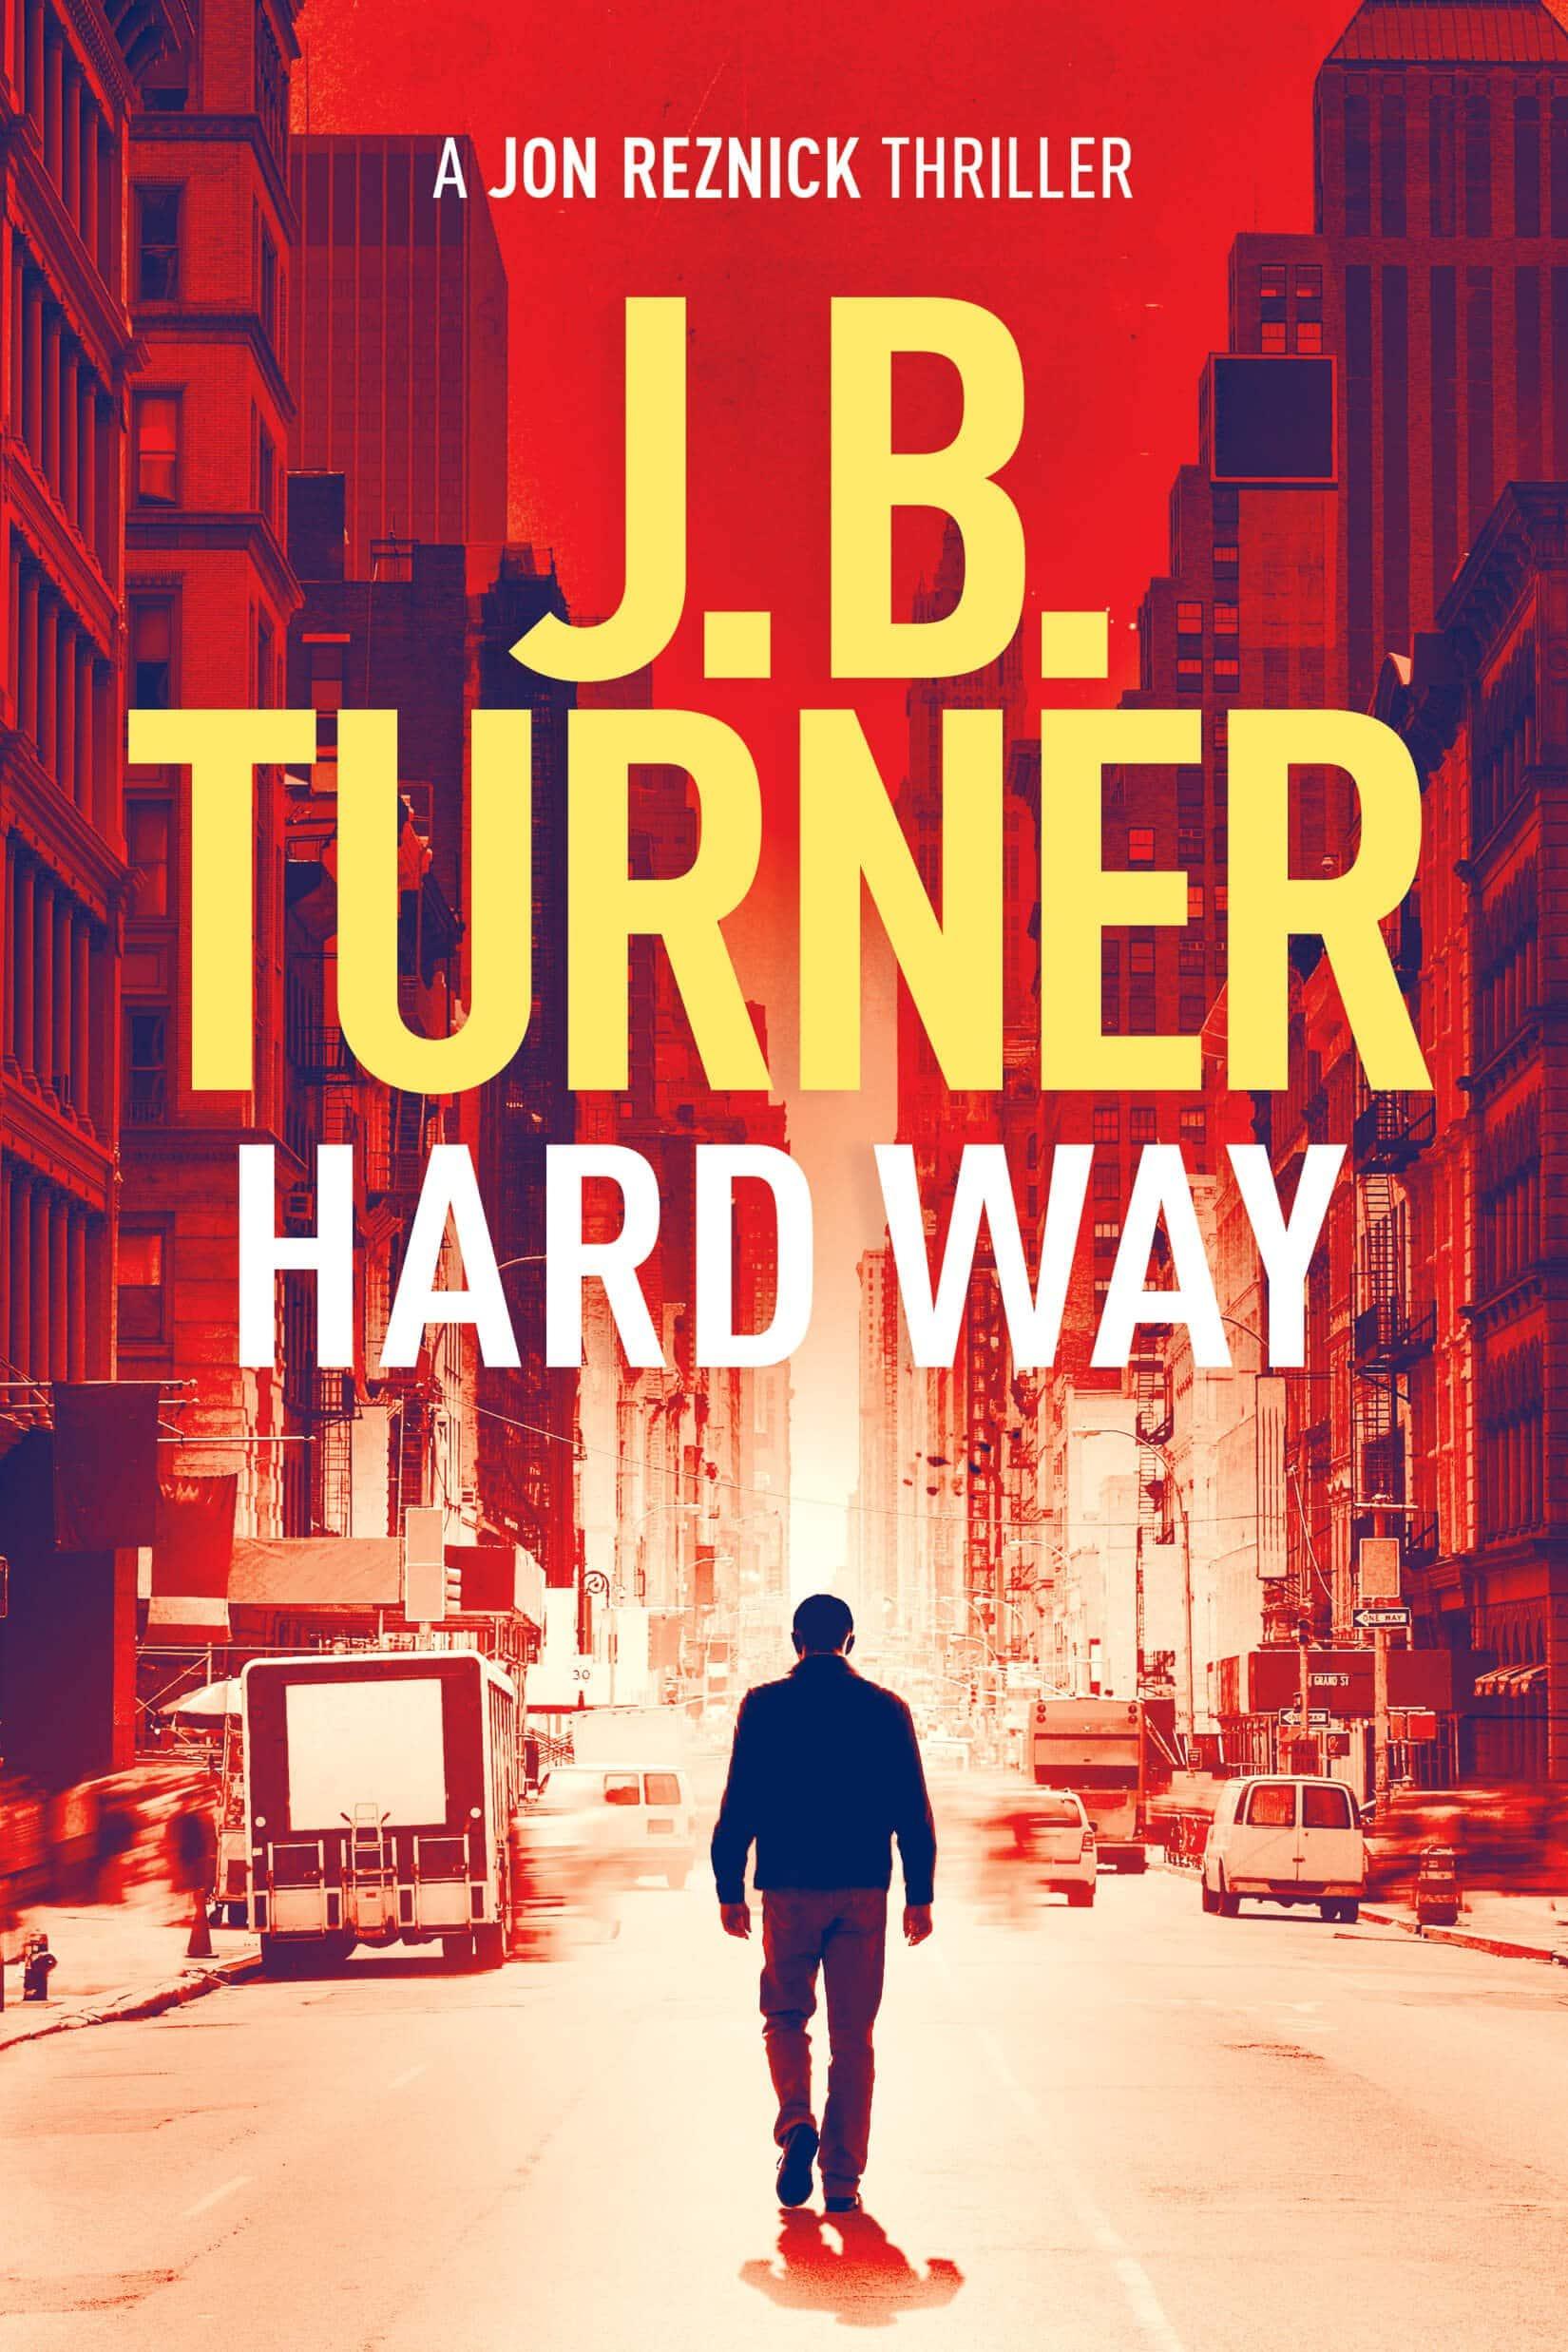 Hard Way achieves 100,000 sales! J.B. Turner Thriller Writer